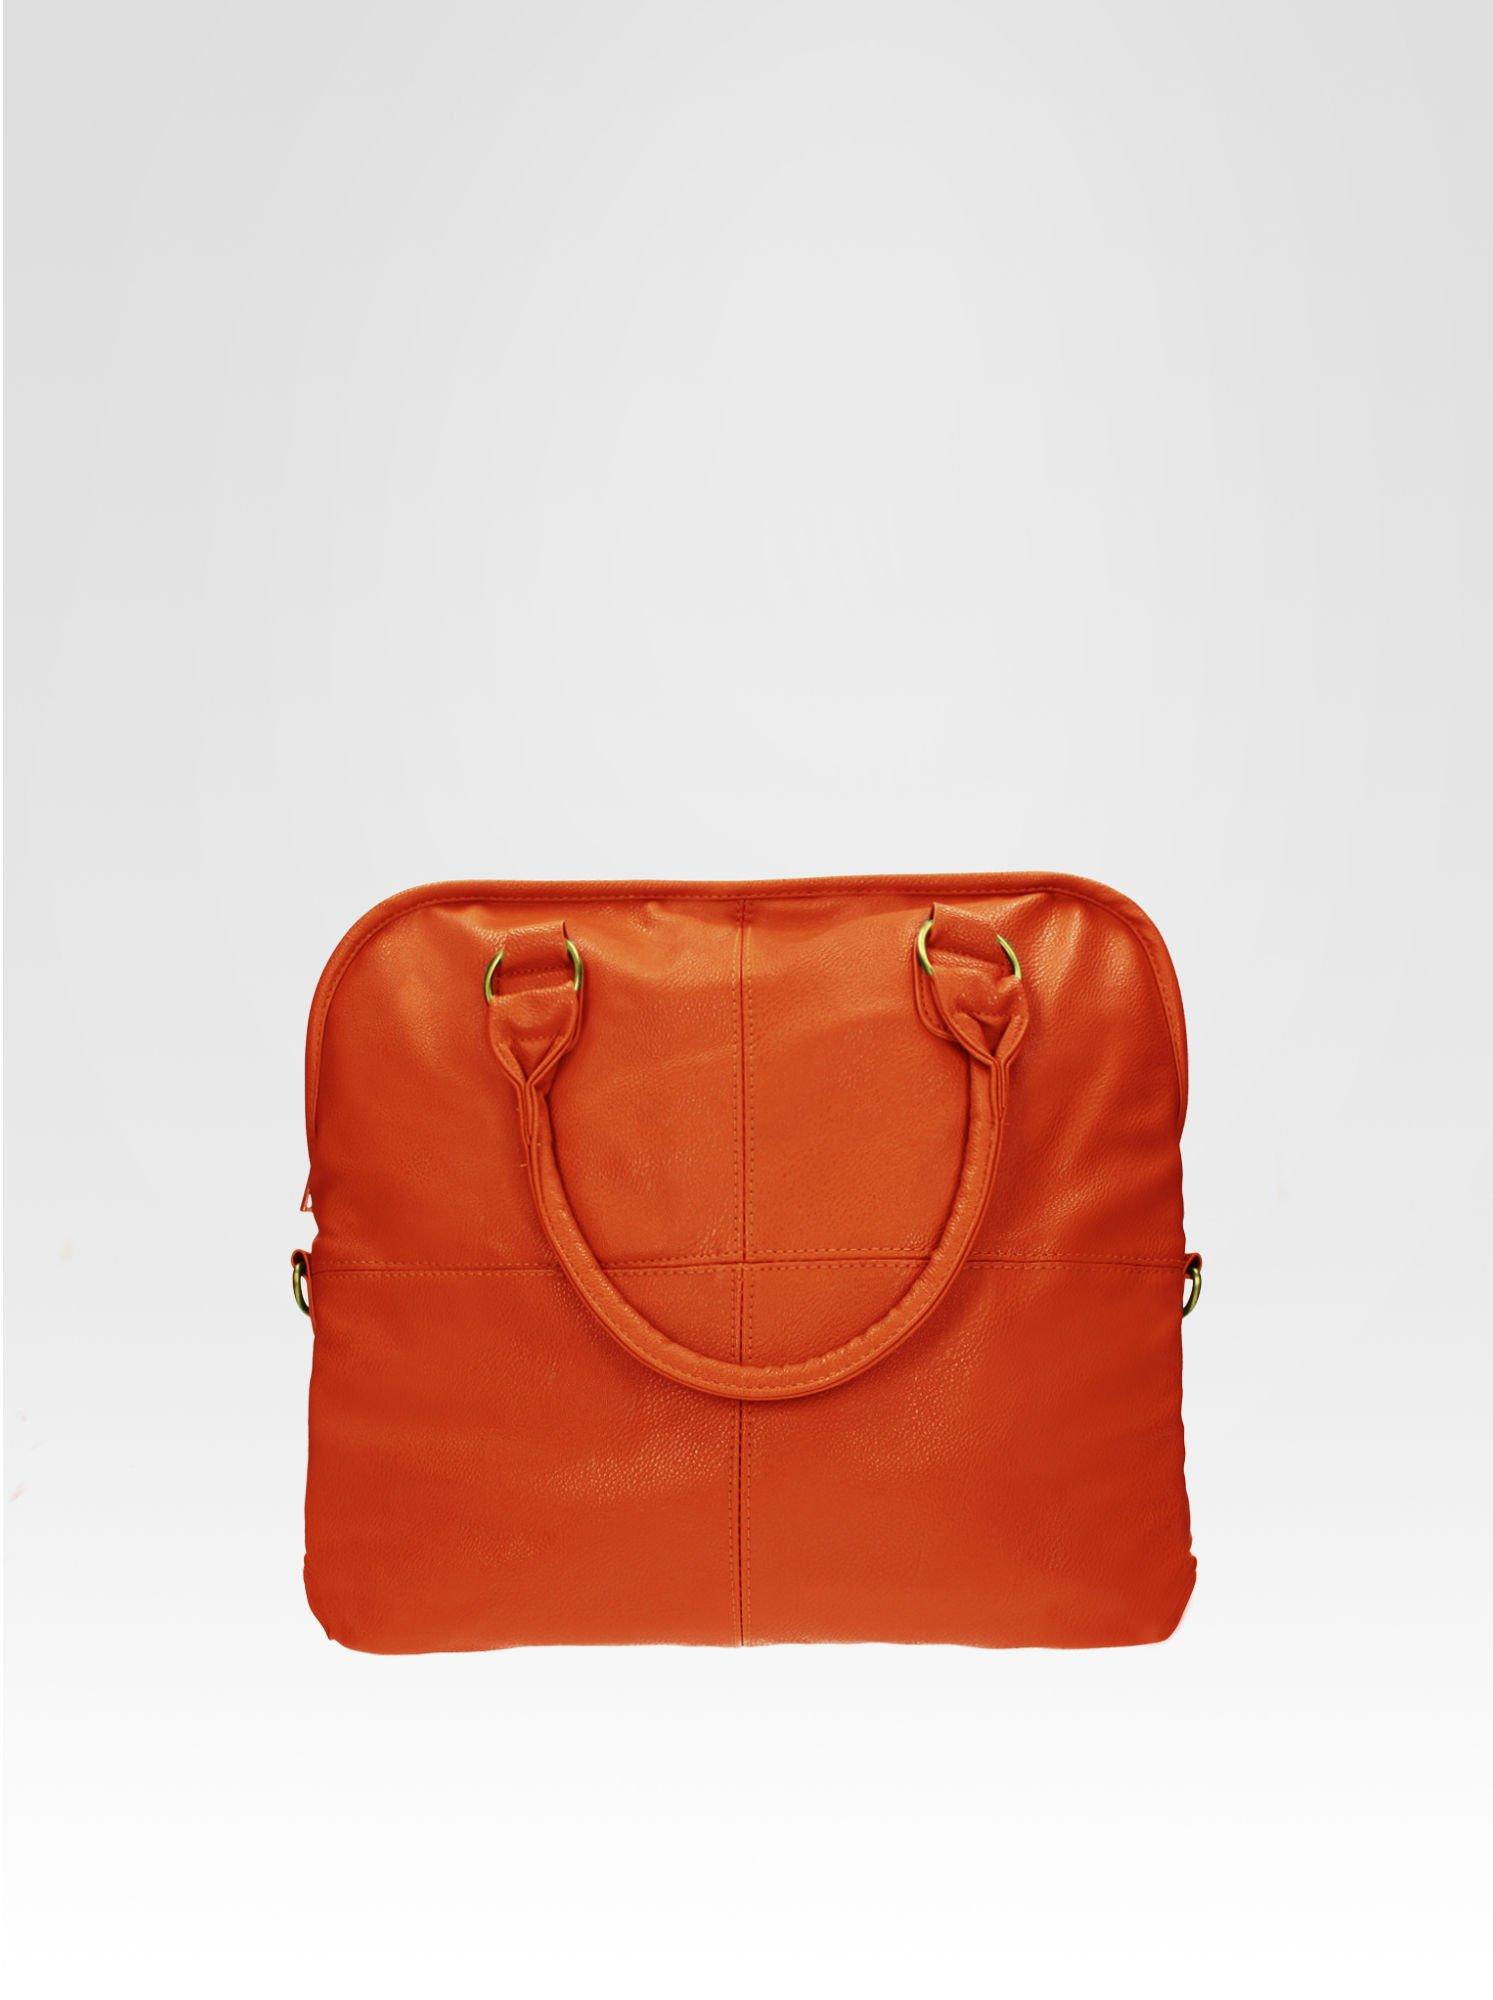 Pomarańczowa torba miejska na ramię                                  zdj.                                  1